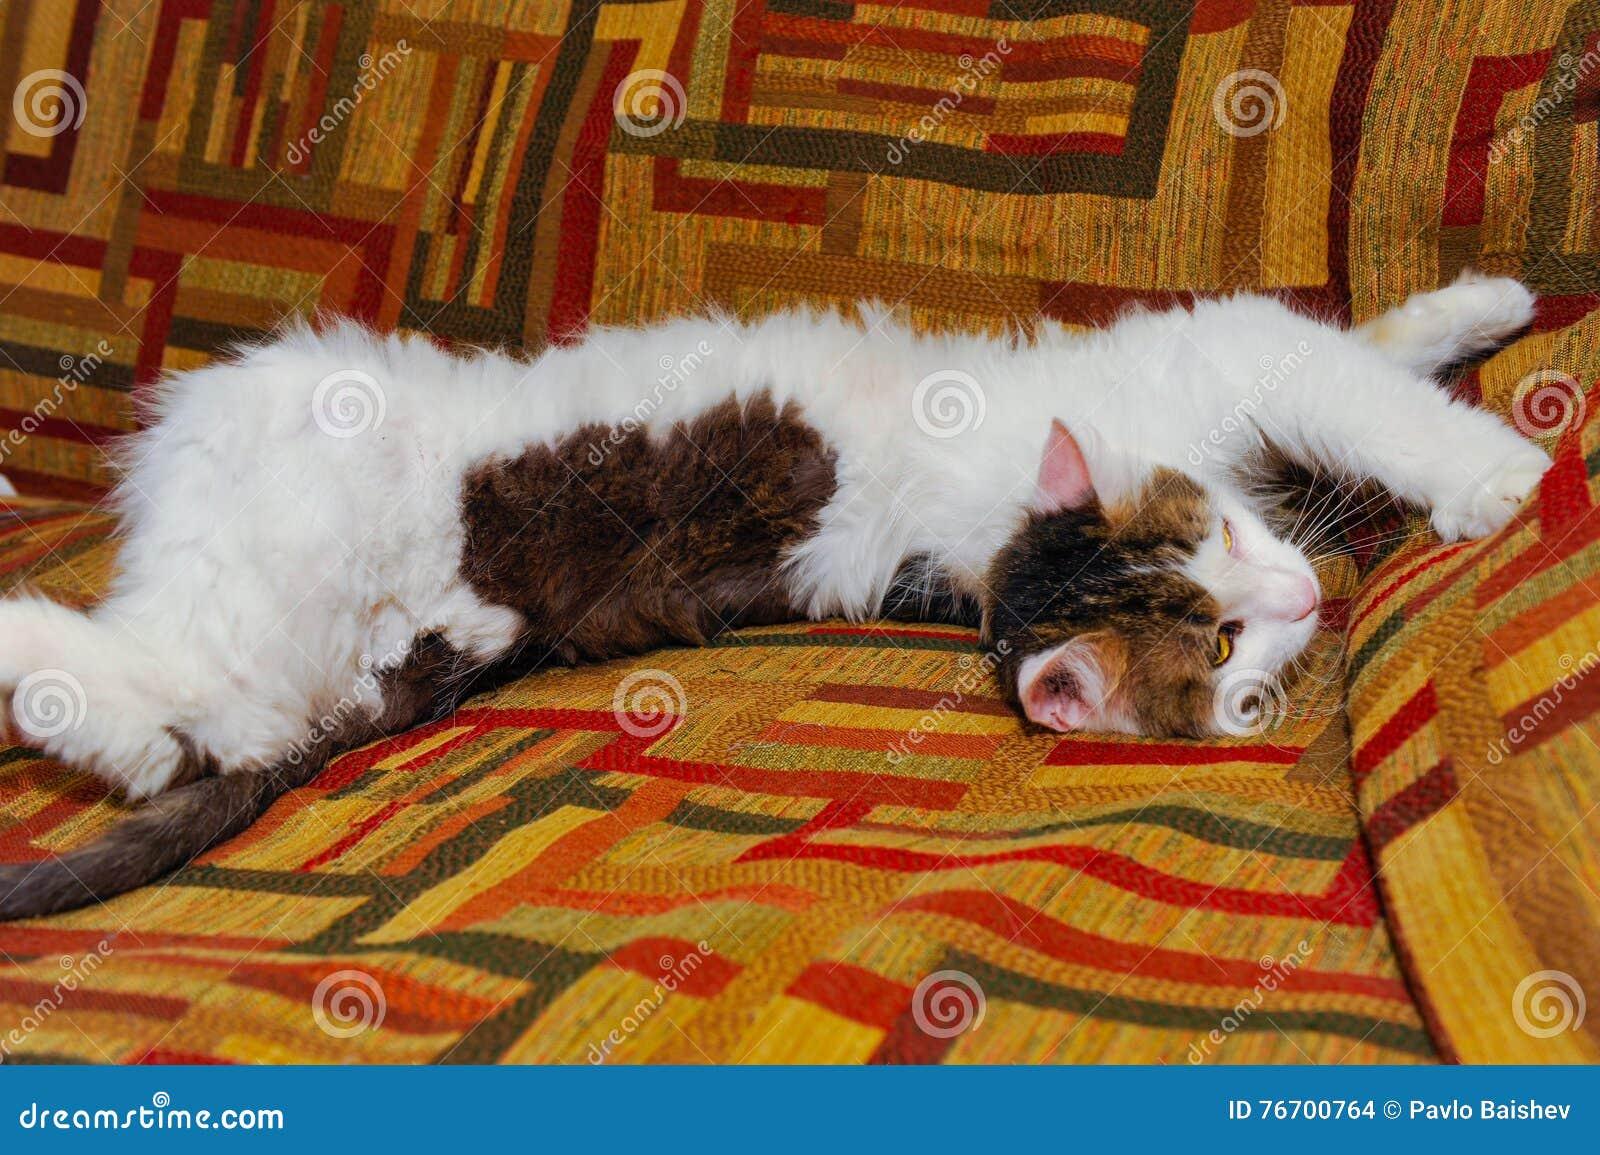 Halv vithusdjurkatt som poserar på soffan bakgrund av fyrkanter av diff